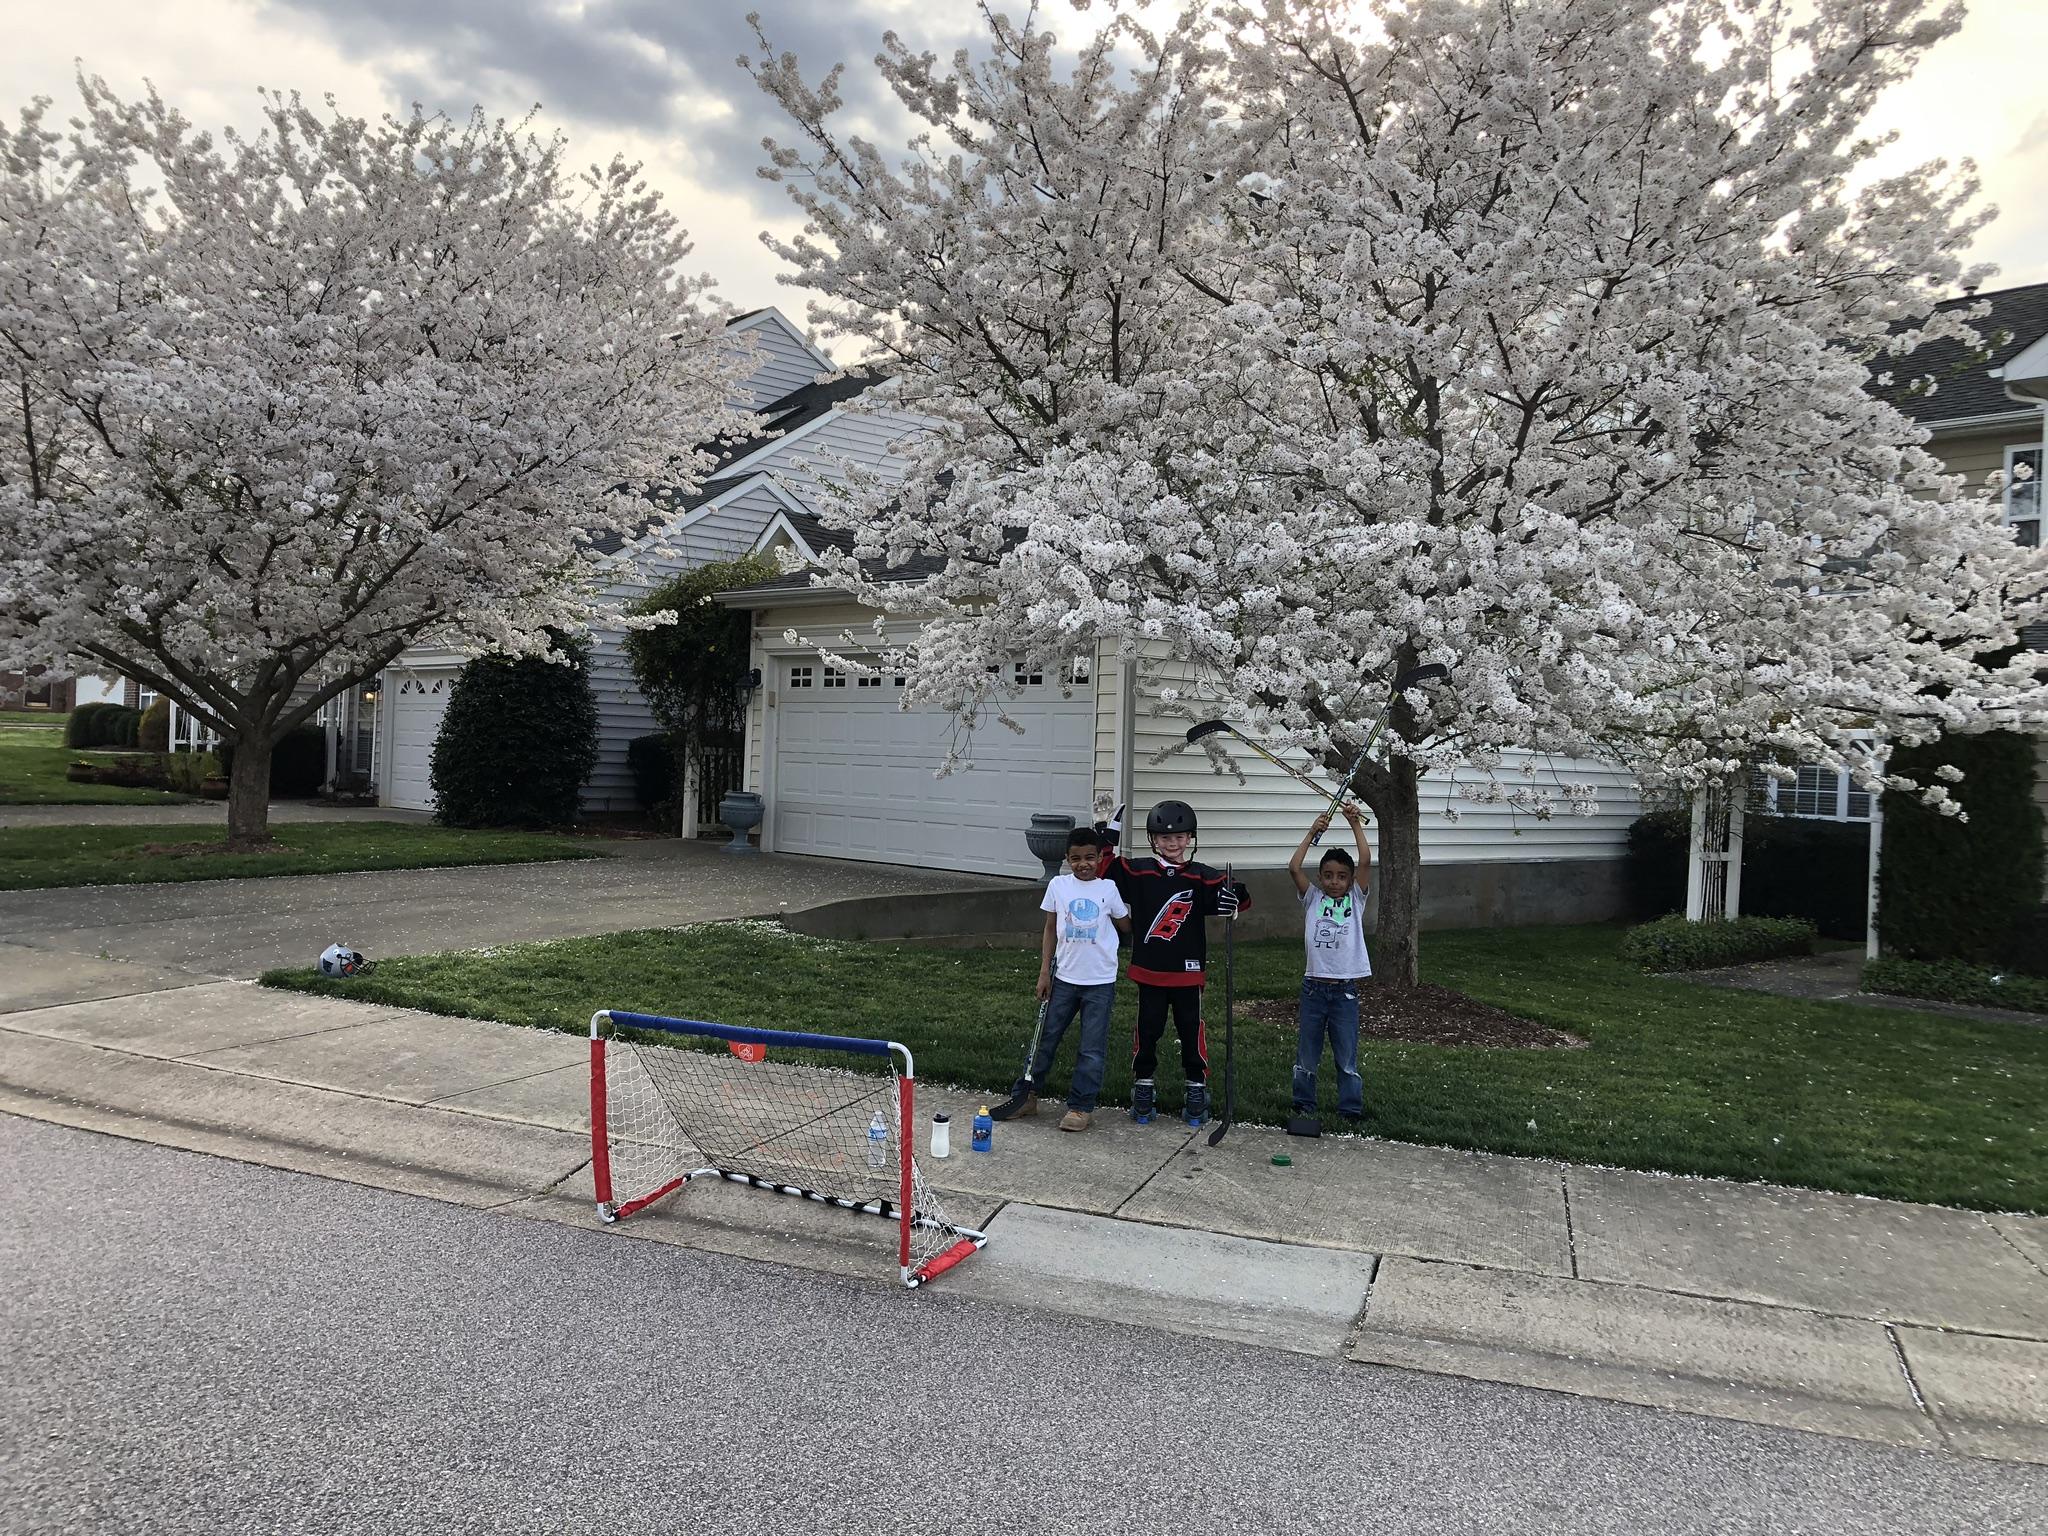 חצר הבית באביב - אדם ואיידן משחקים הוקי עם חבר / צילום: אלבום פרטי